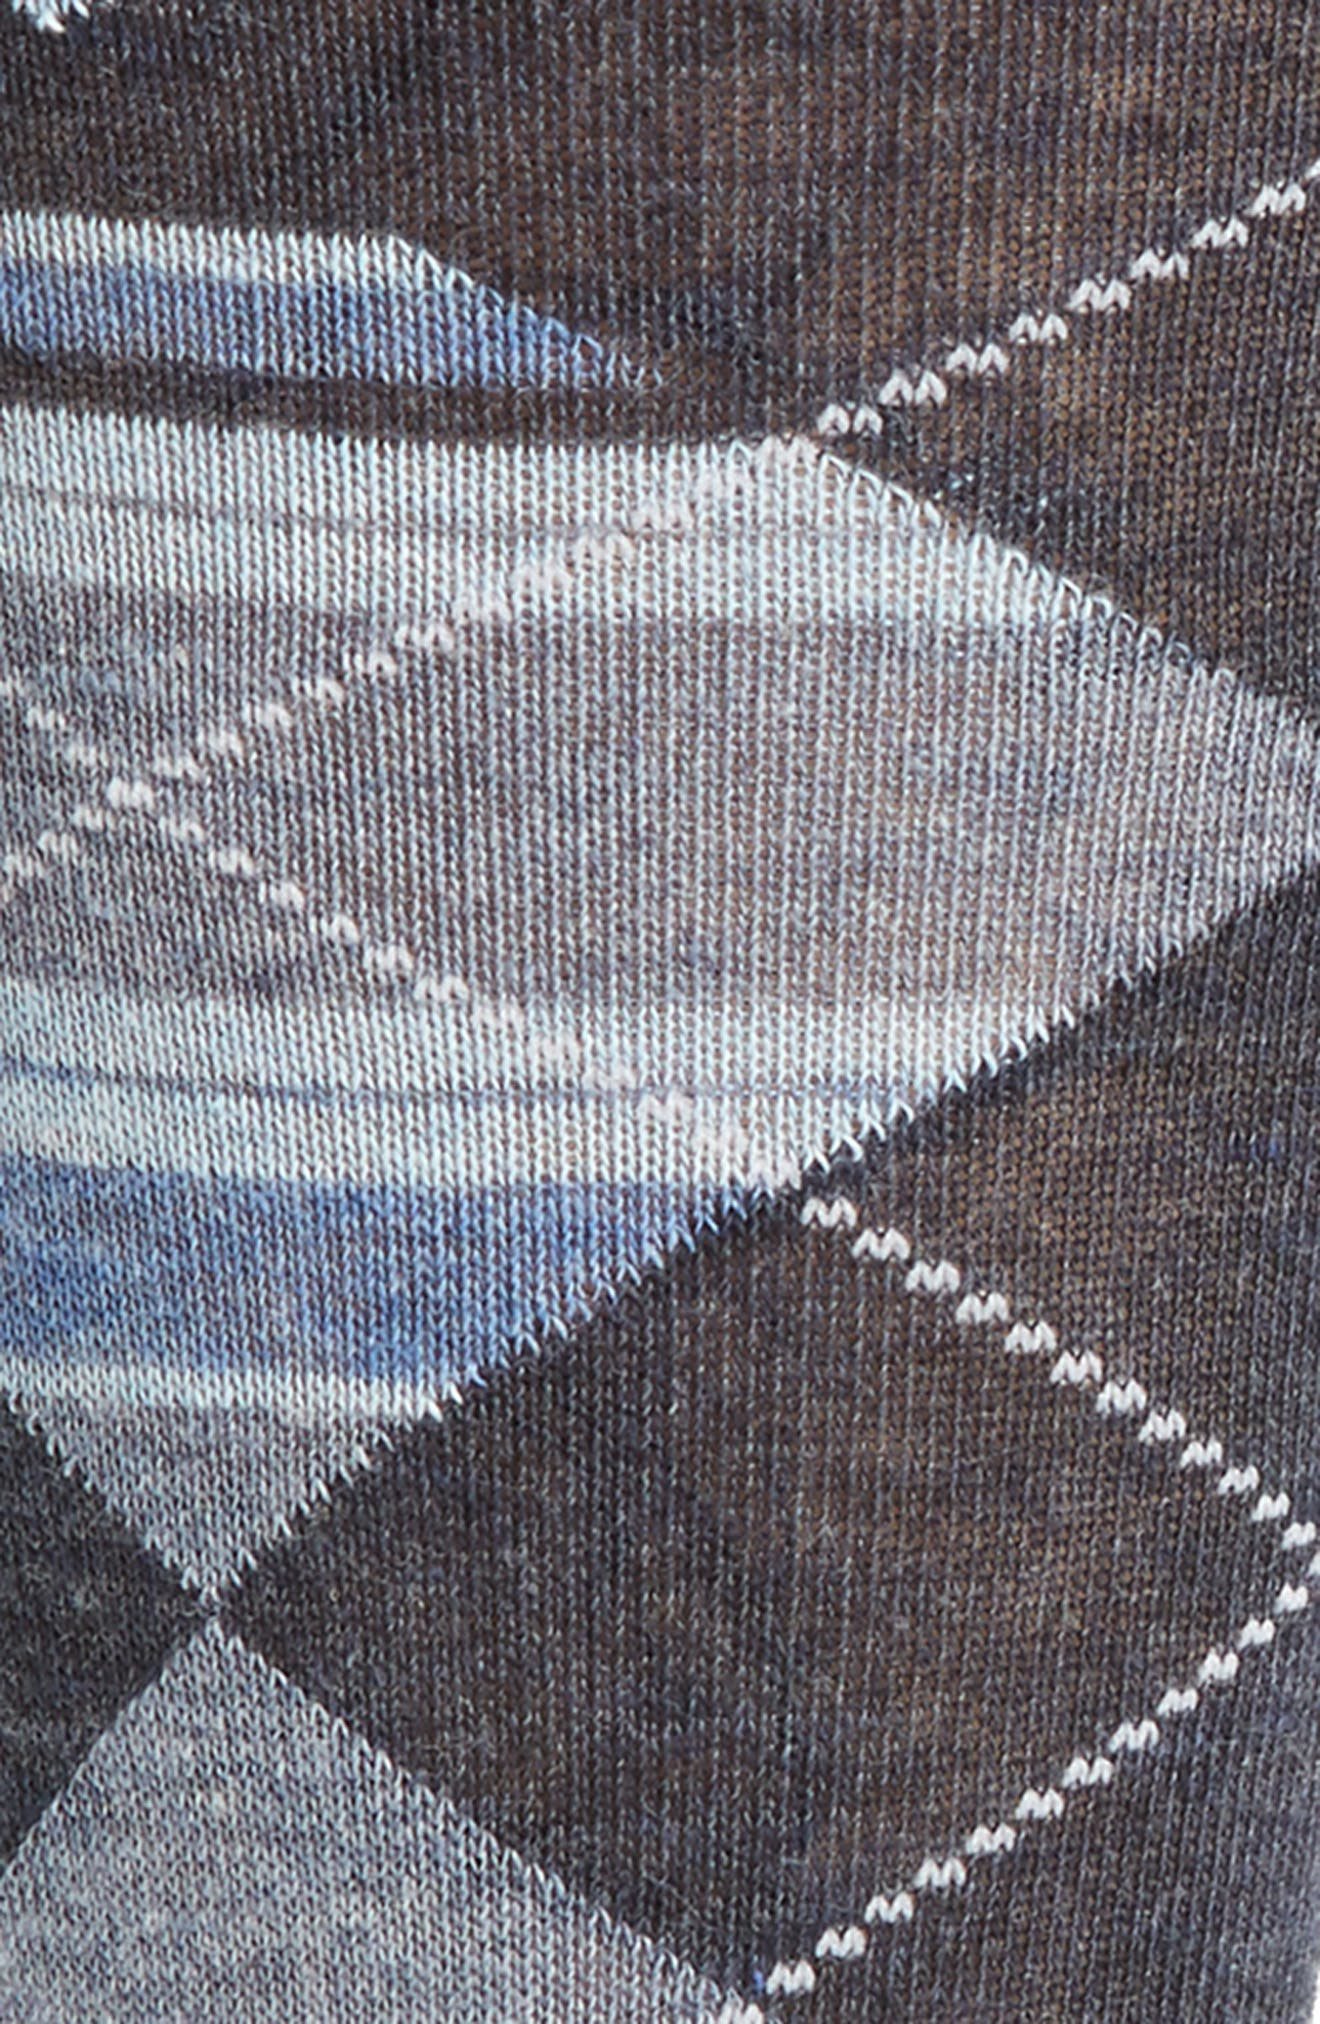 Multistripe Argyle Socks,                             Alternate thumbnail 2, color,                             410